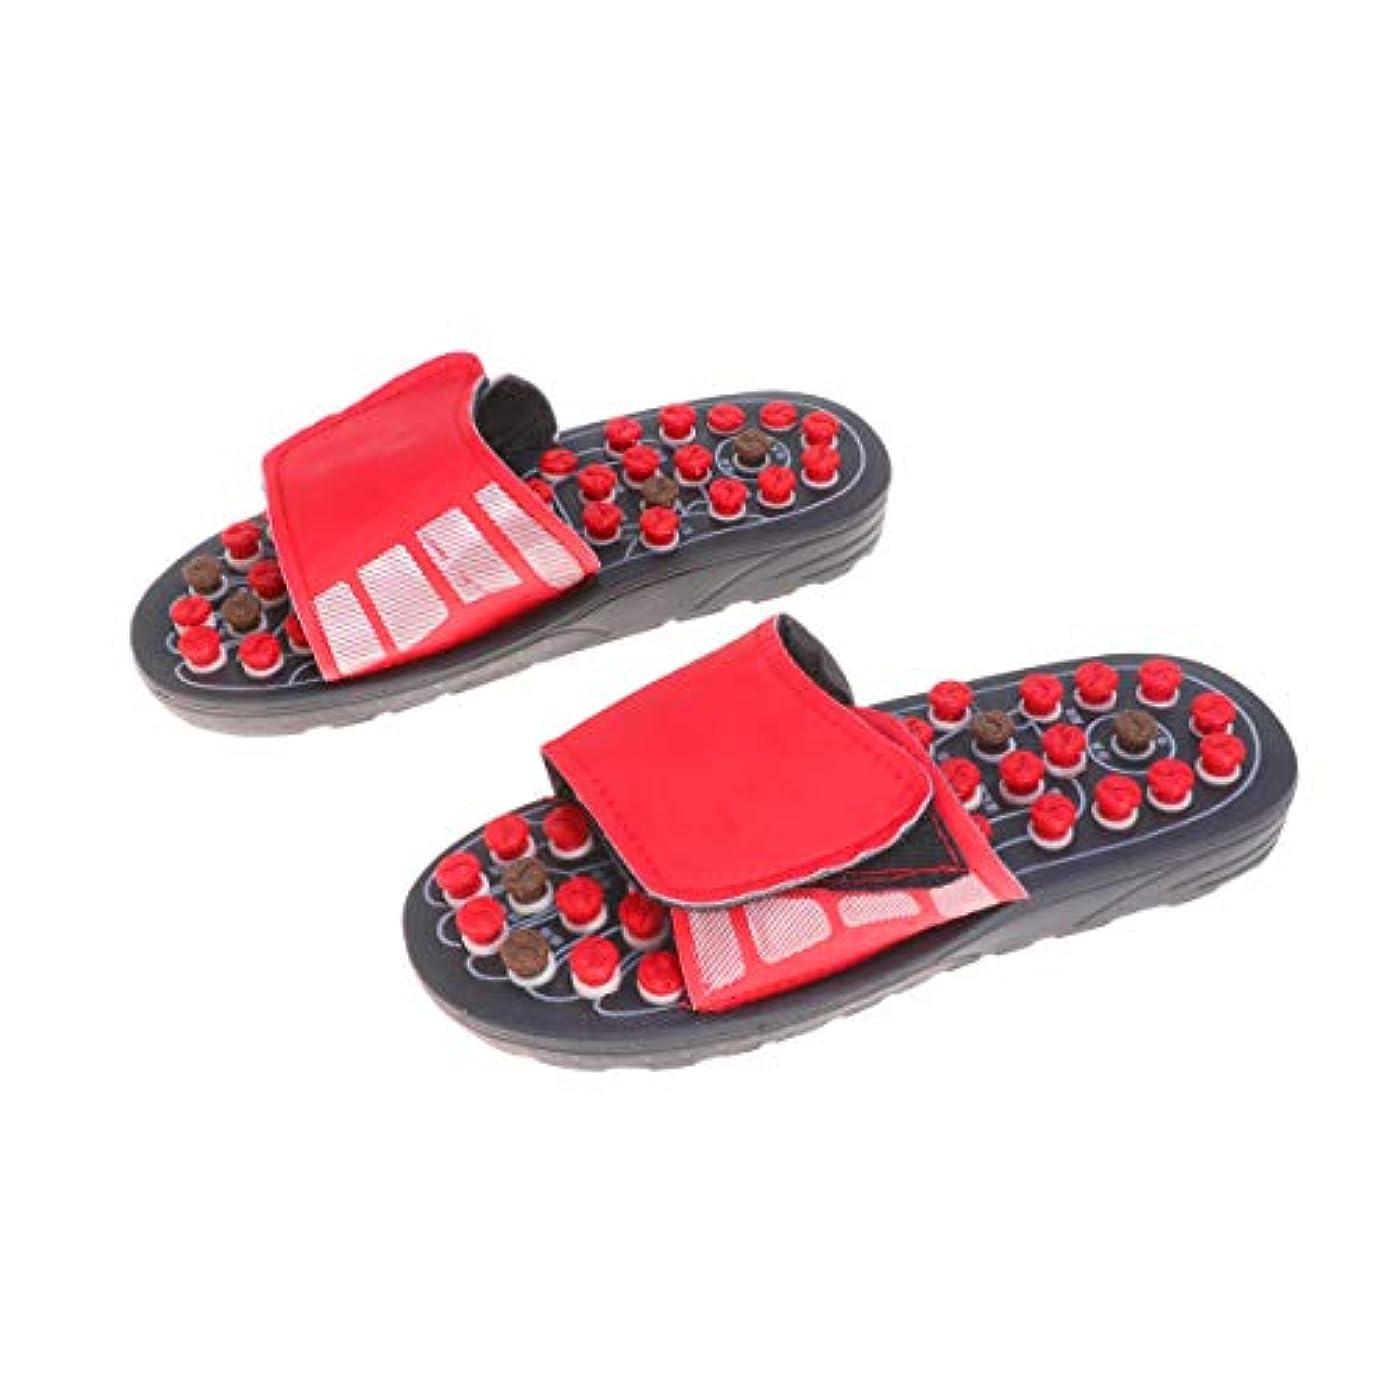 一元化する養う起こるHealifty 1Pair Acupressure Plantar Fasciitis Foot Massager Massage Slippers Shoes Reflexology Sandals Pain Relief...